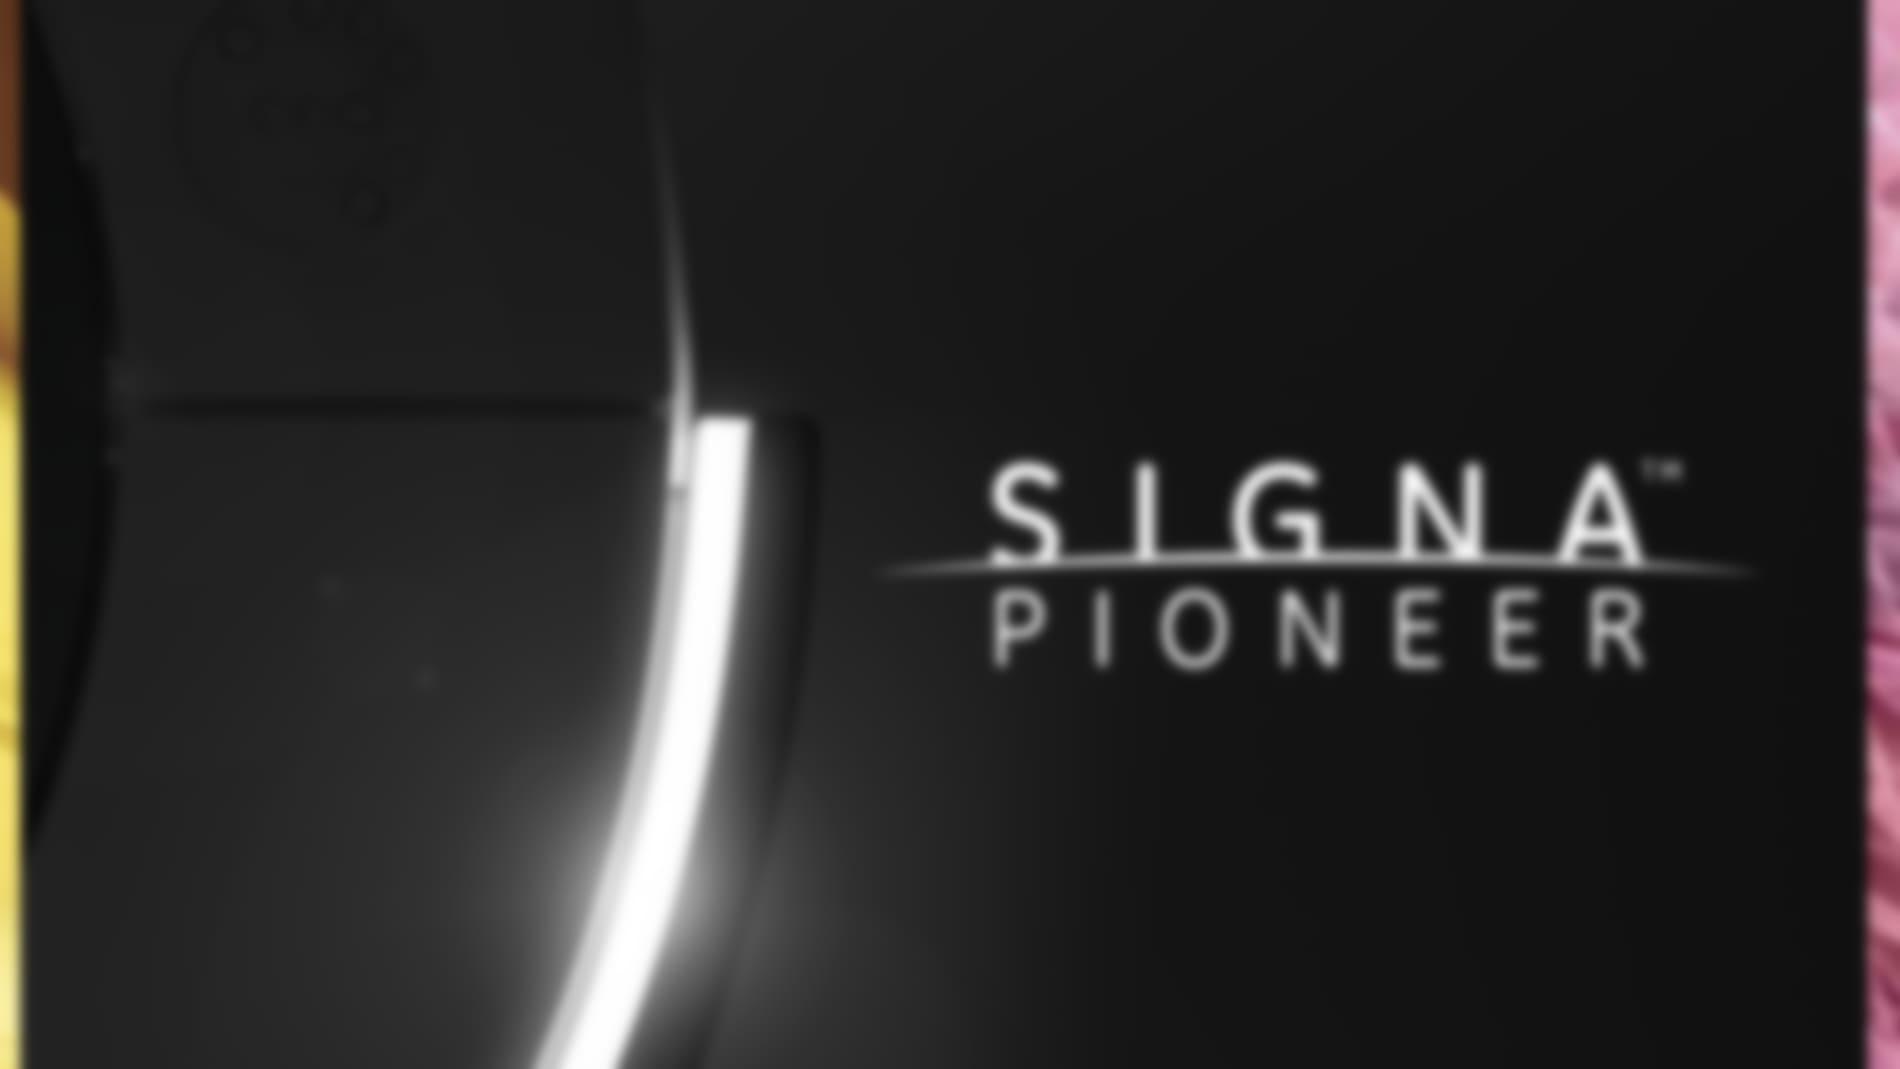 GE Signa Pioneer Illumination Concept